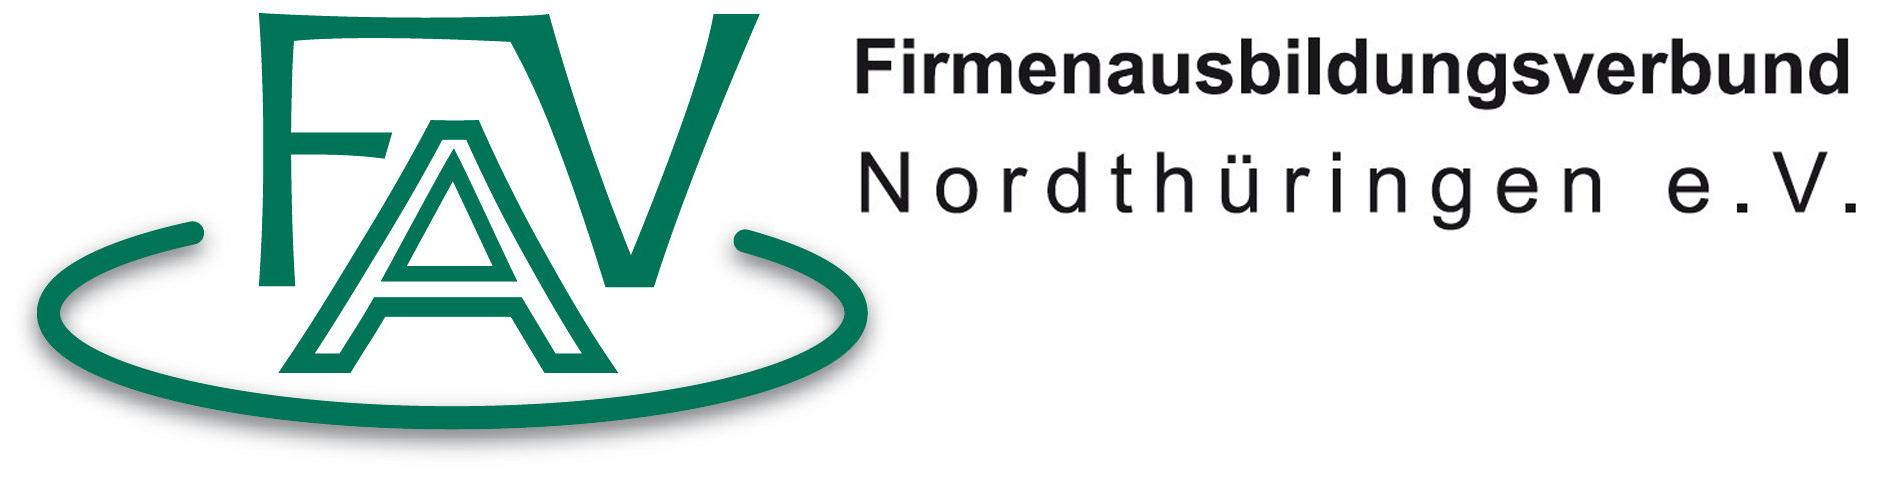 Firmenausbildungsverbund Nordthüringen